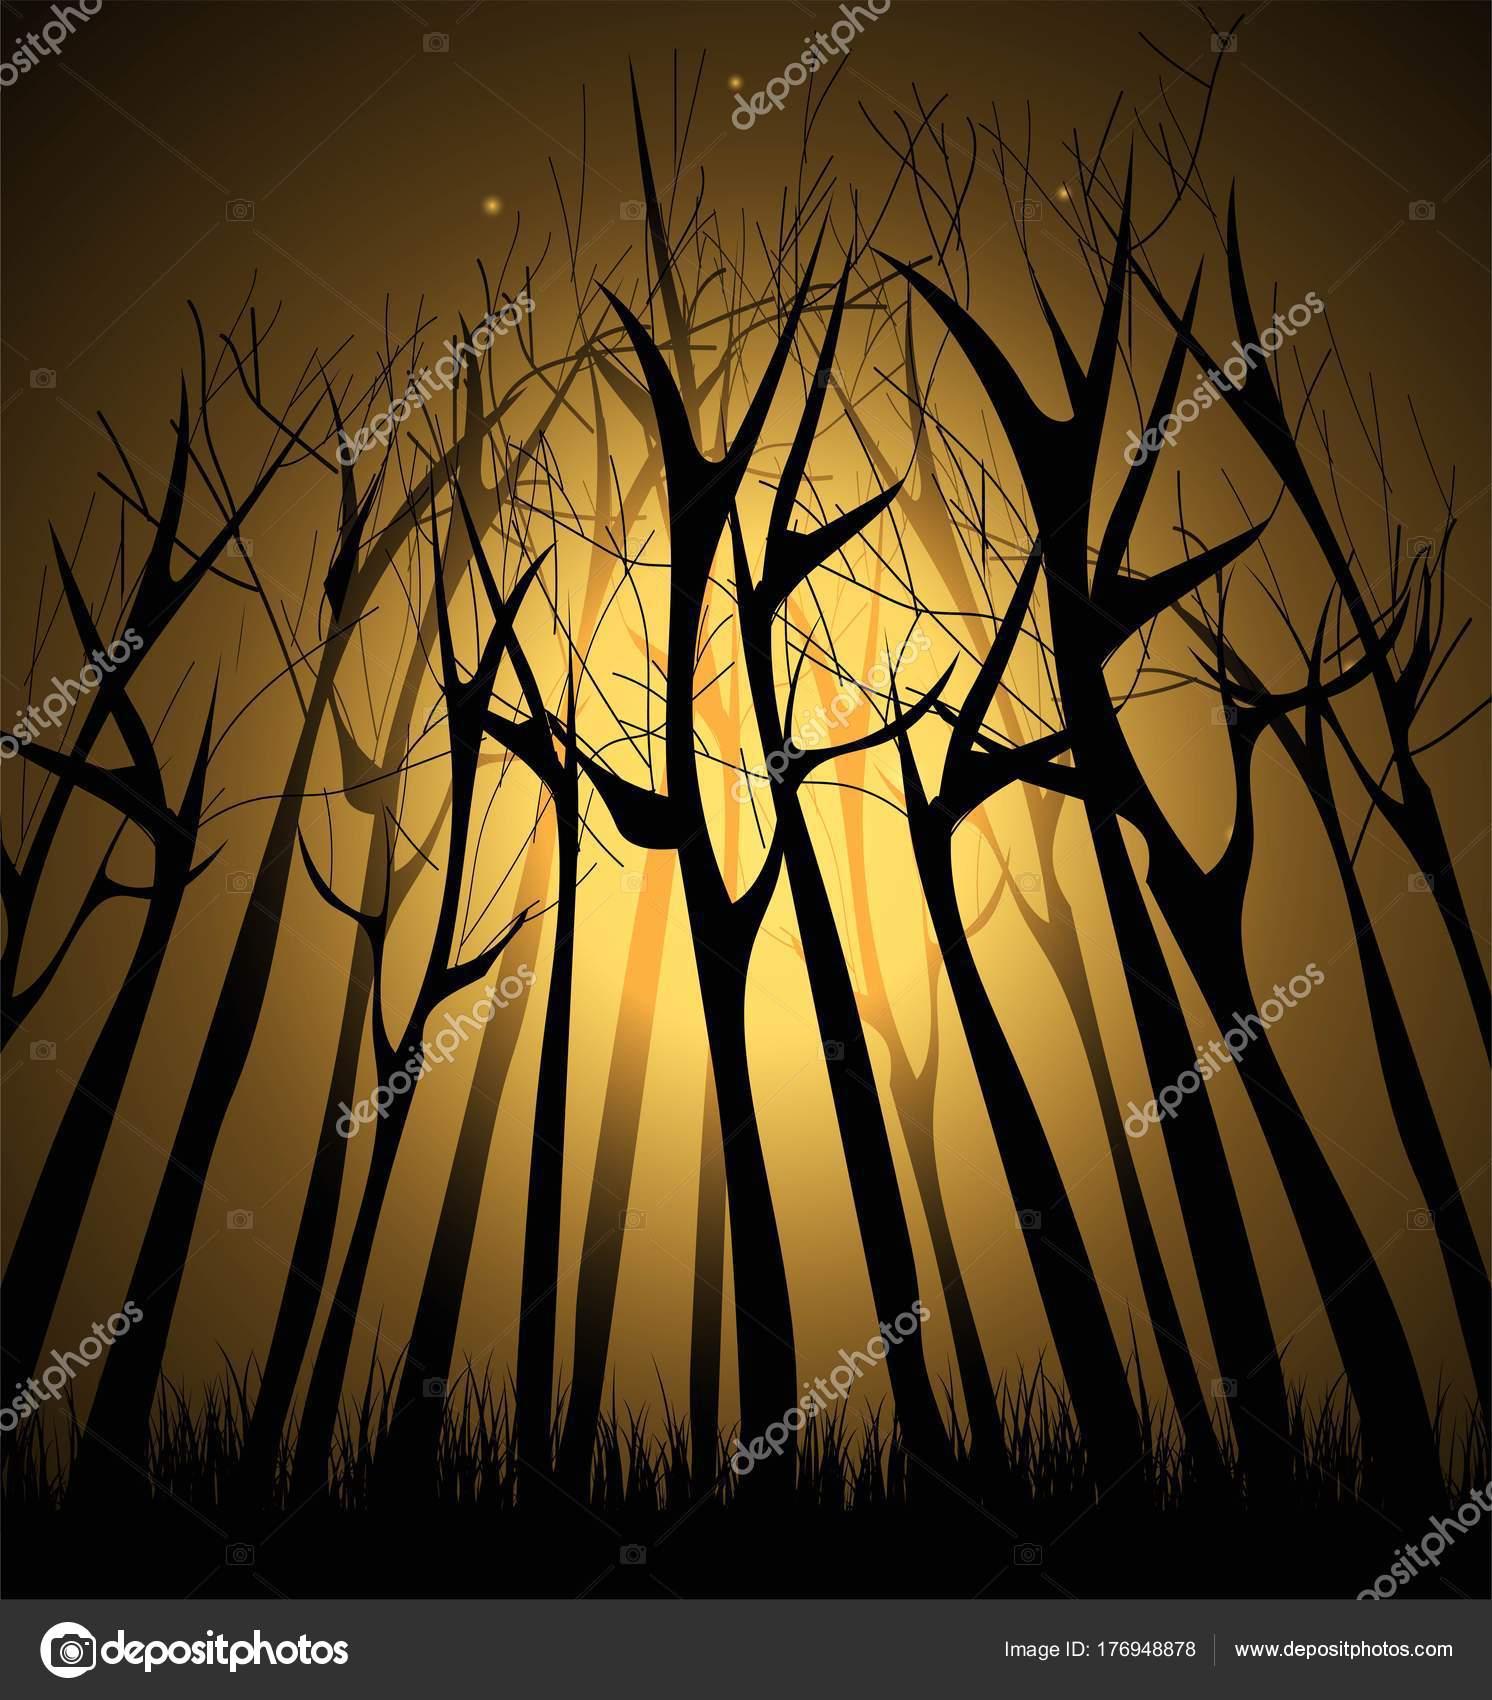 https://st3.depositphotos.com/1724272/17694/v/1600/depositphotos_176948878-stockillustratie-magische-donker-bos-met-verlichting.jpg